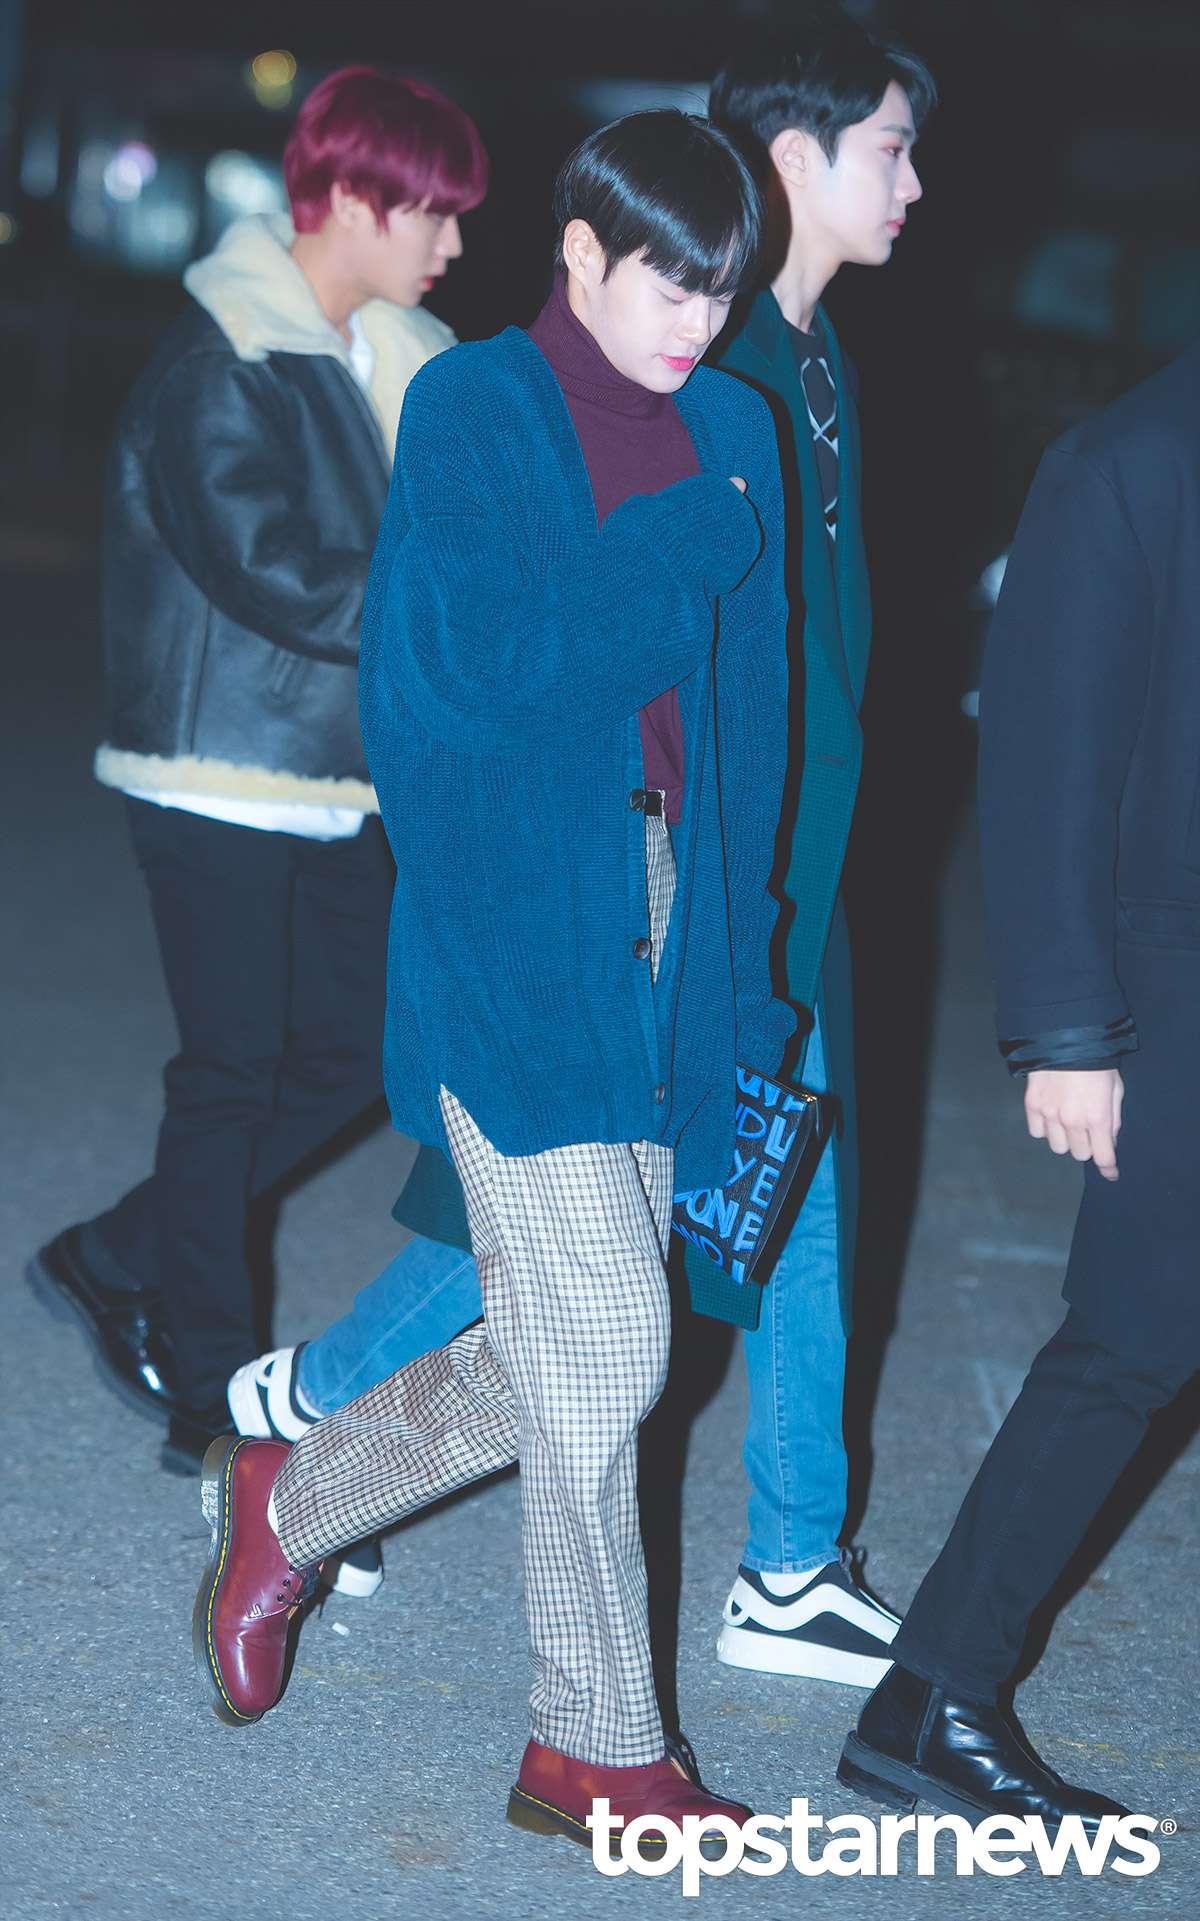 大輝則是選擇格暗紫色高領上衣搭配藍色長版針織外套,藍色的手拿包與外套顏色相呼應,紅色的三孔馬丁靴則是和暗紫色的上衣做搭配,格紋長褲更是充滿了滿滿的學院風,不愧是sense滿分的大輝!